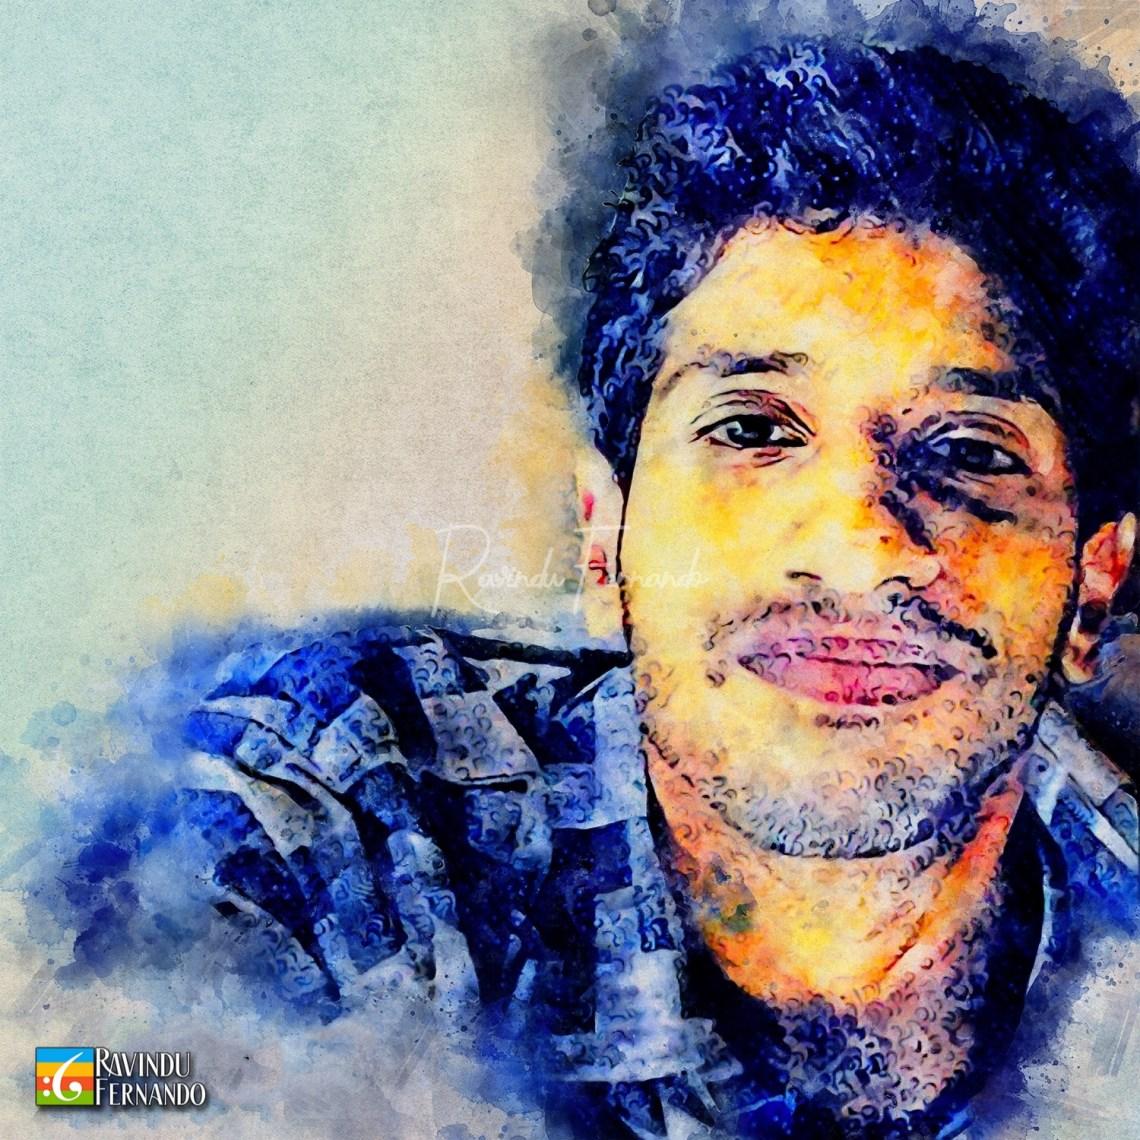 Sandu Rambukwella - Digital Watercolor Painting